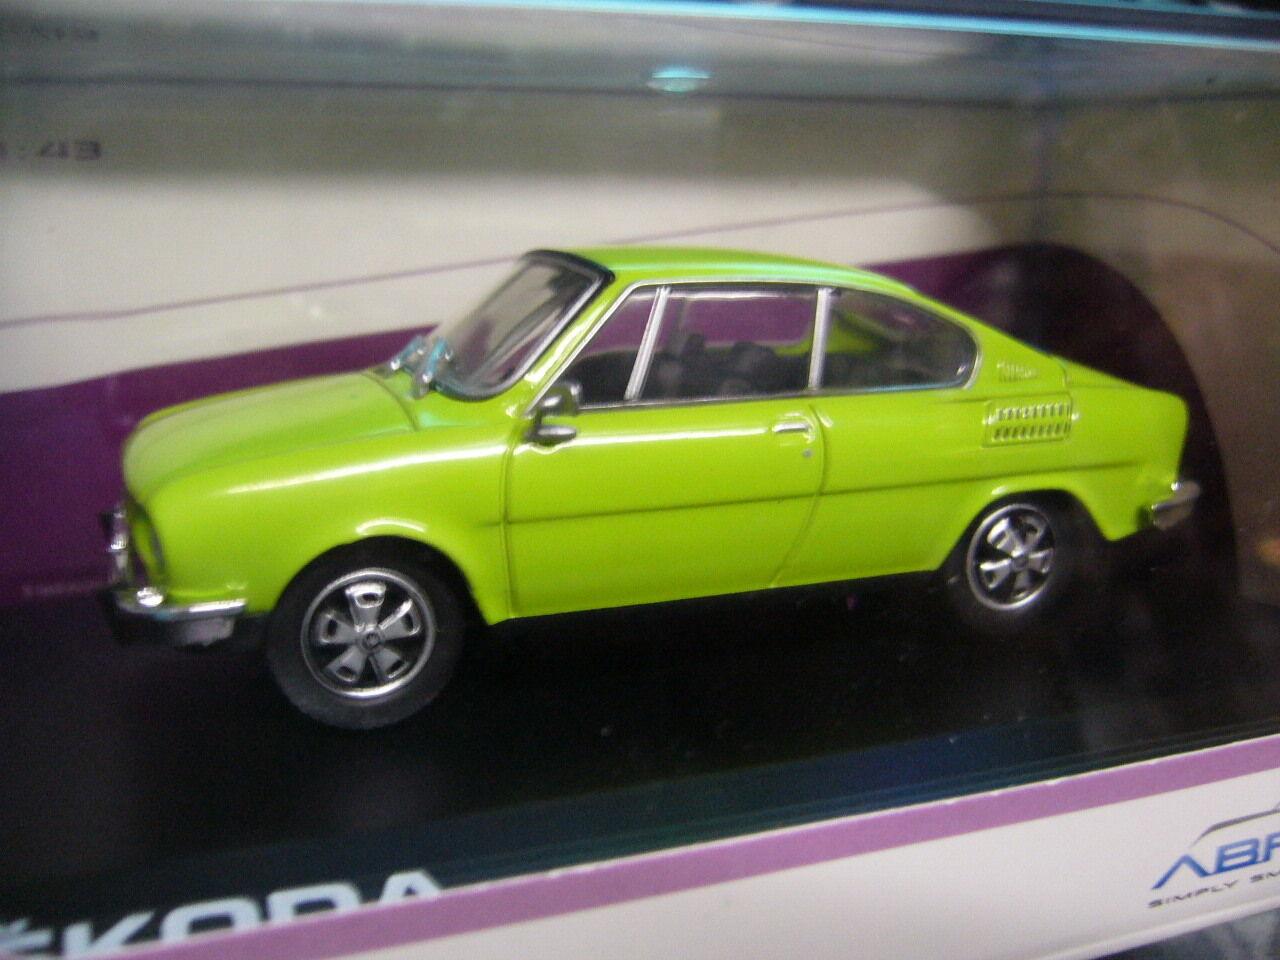 Skoda coupé 110r 110 r 1970 - 1976 spring Hell vert vert NEUF NEW Abrex 1 43